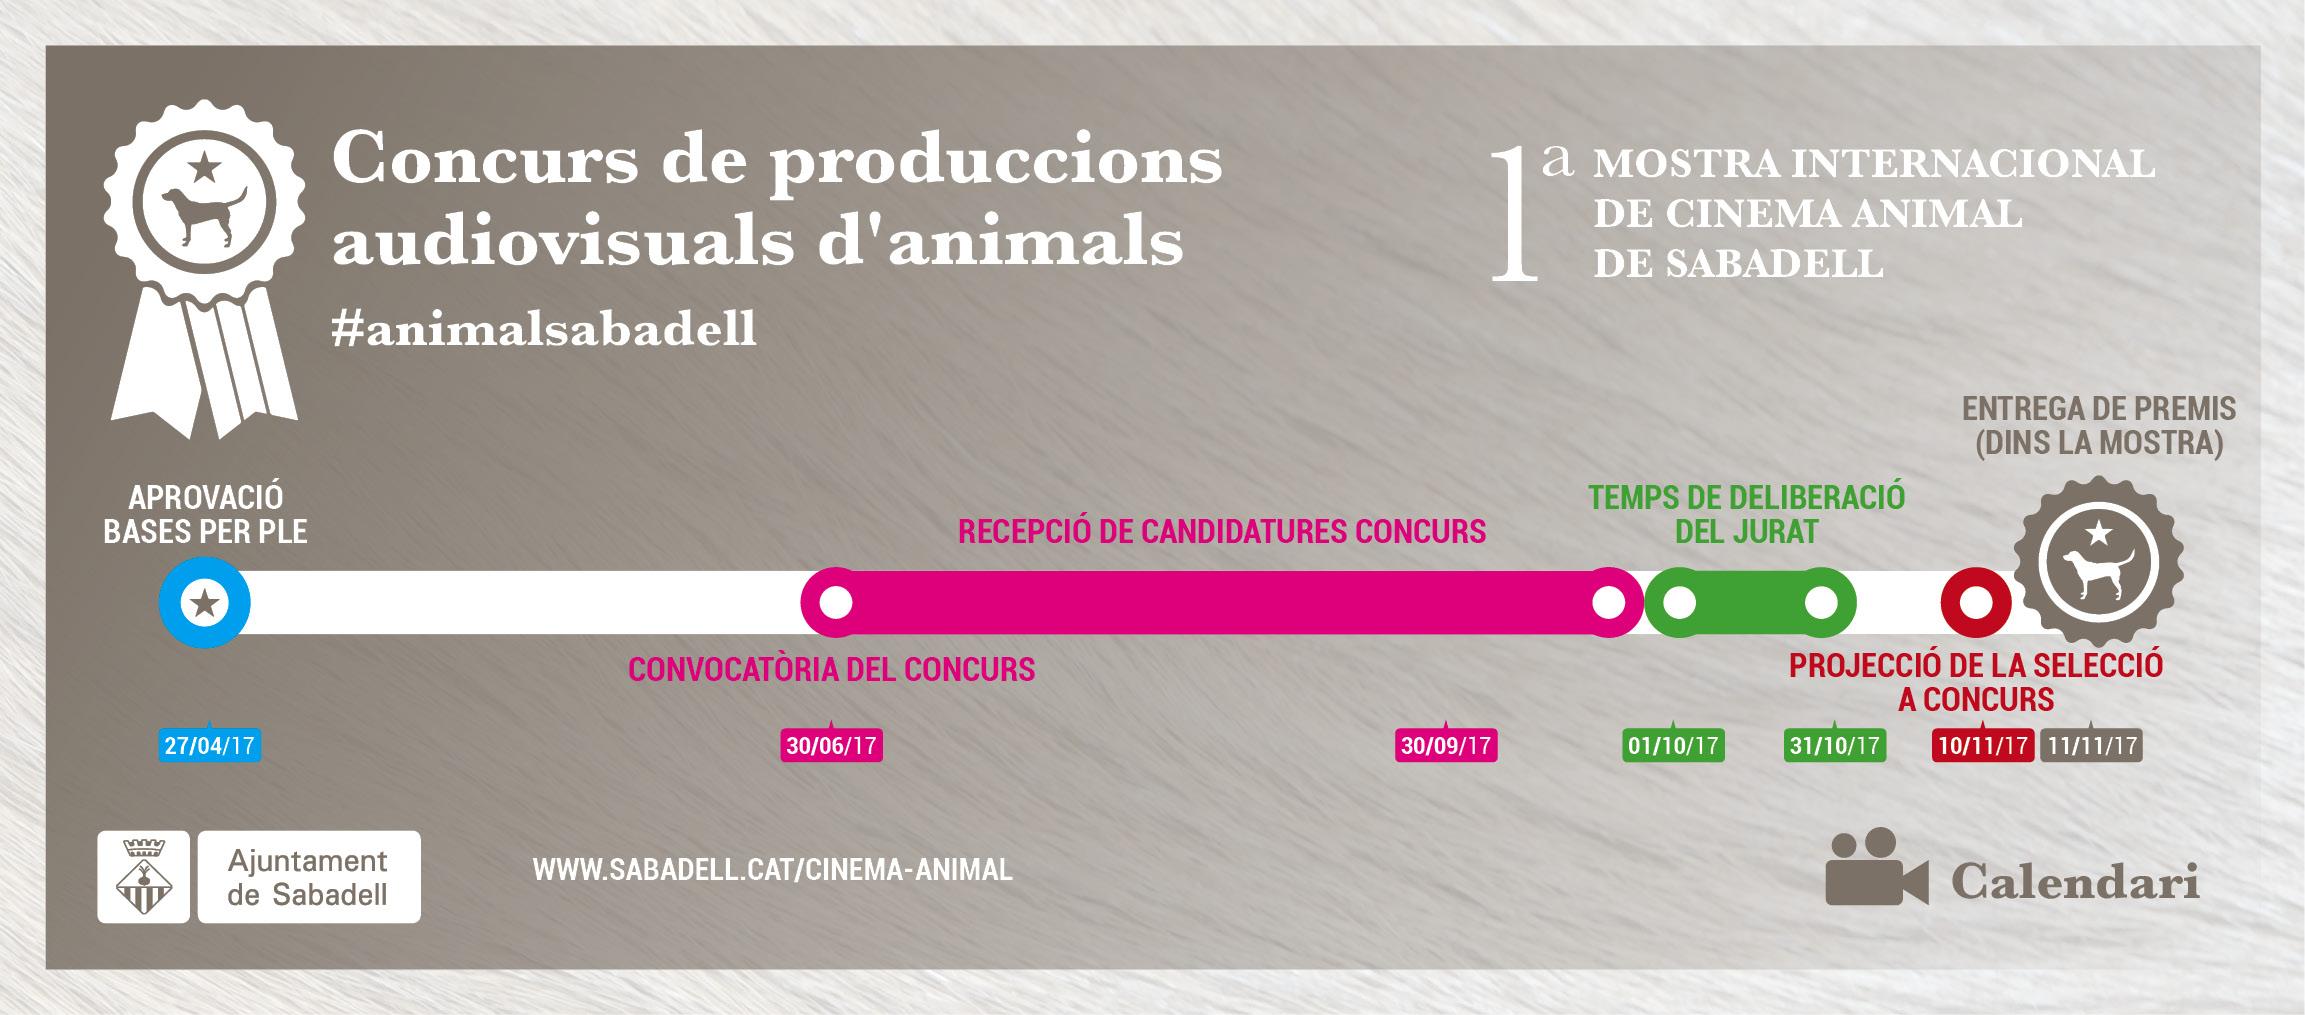 Concurs de produccions audiovisuals #AnimalSabadell